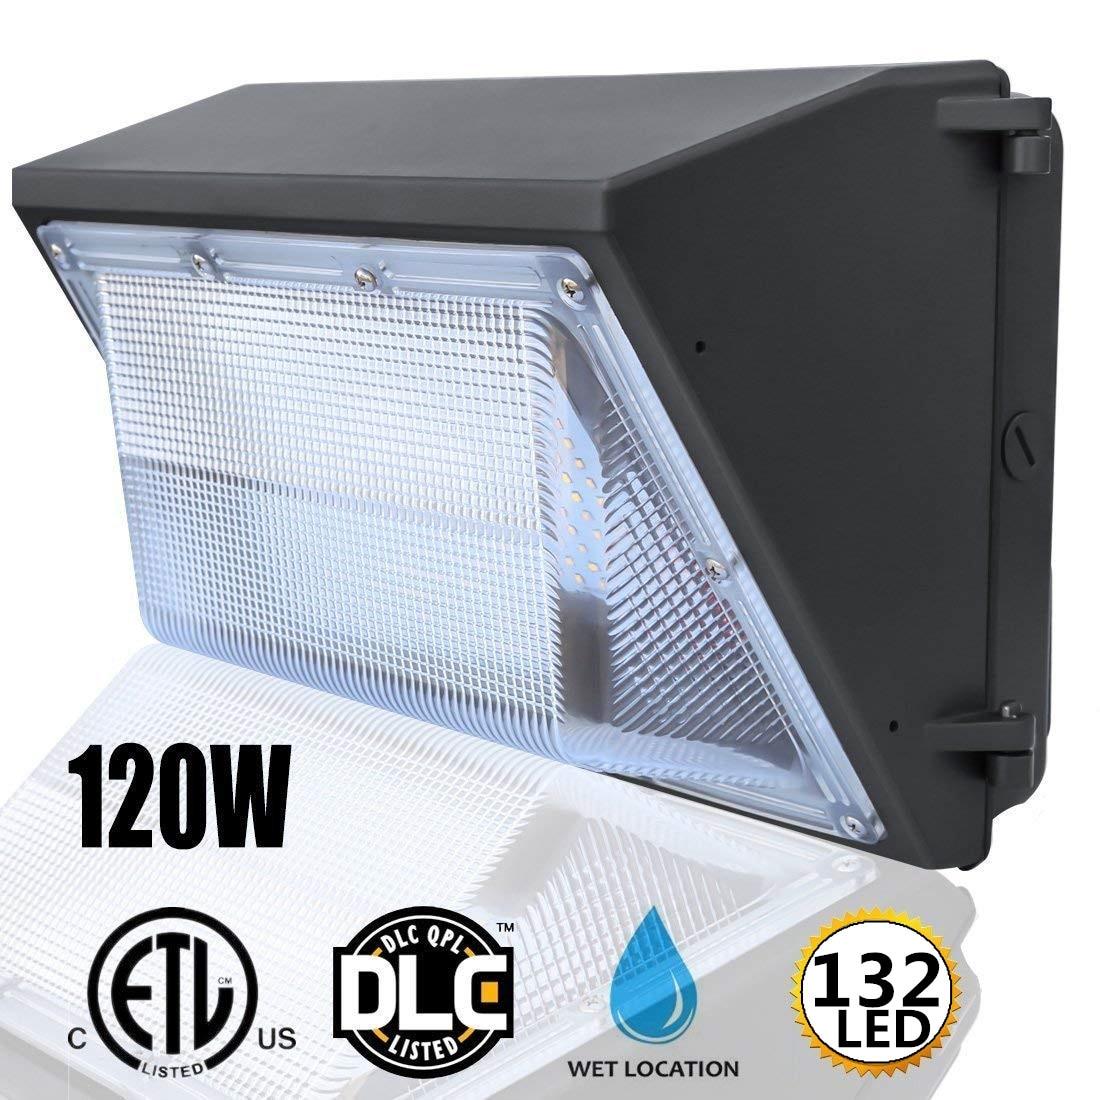 120 Вт Уличный 132 светодиодный настенный светильник, промышленный безопасный садовый наружный прожектор, светильник, водонепроницаемый IP65